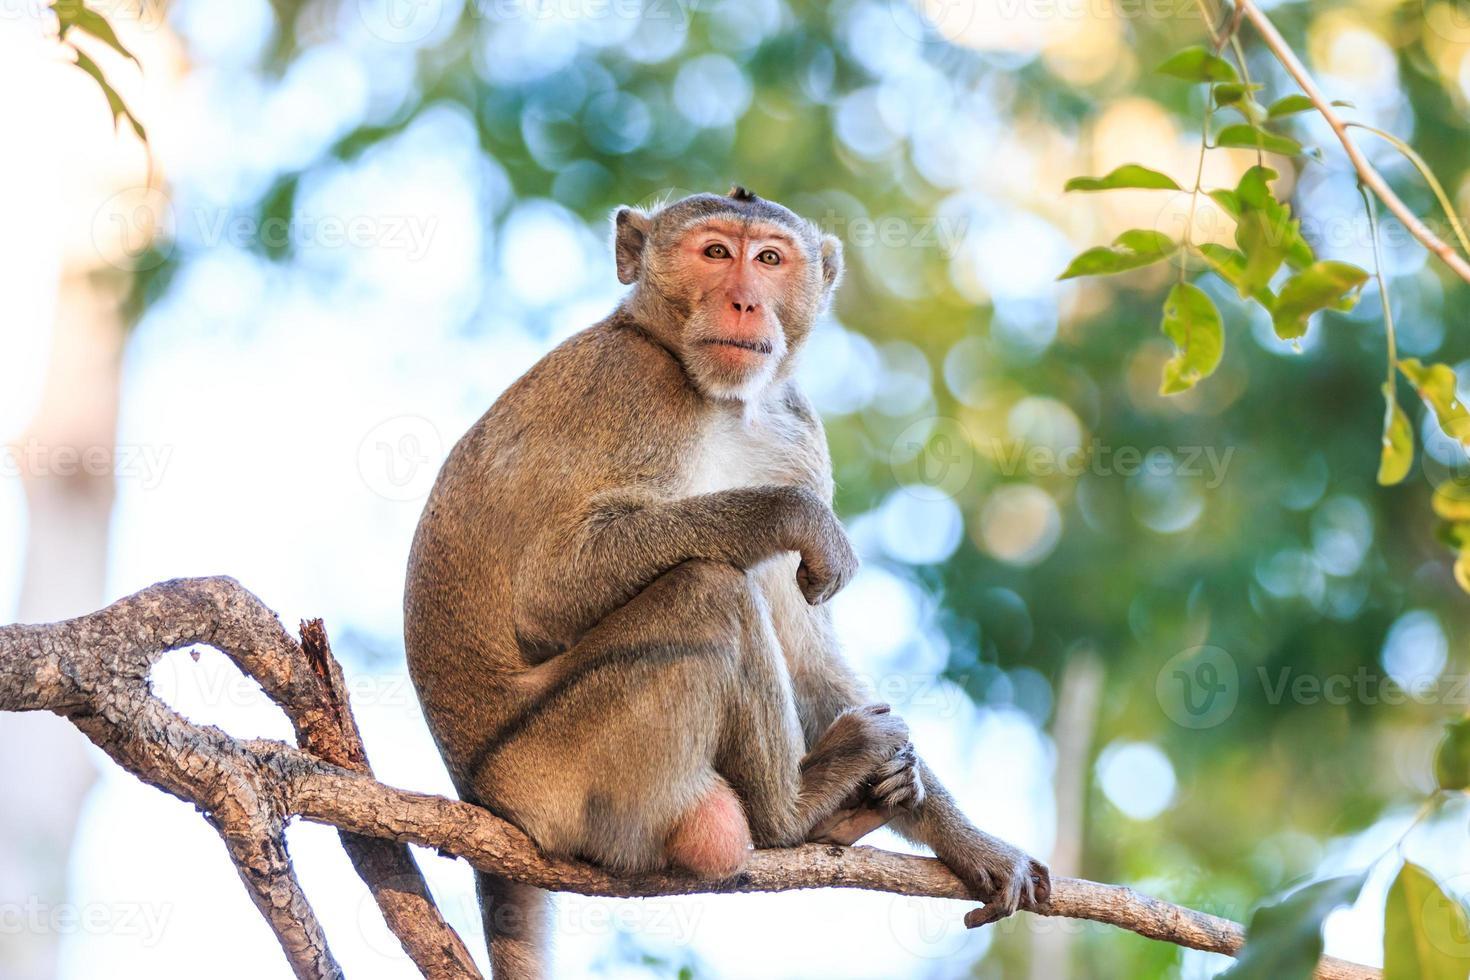 Affe (krabbenfressender Makaken) auf Baum in Thailand foto